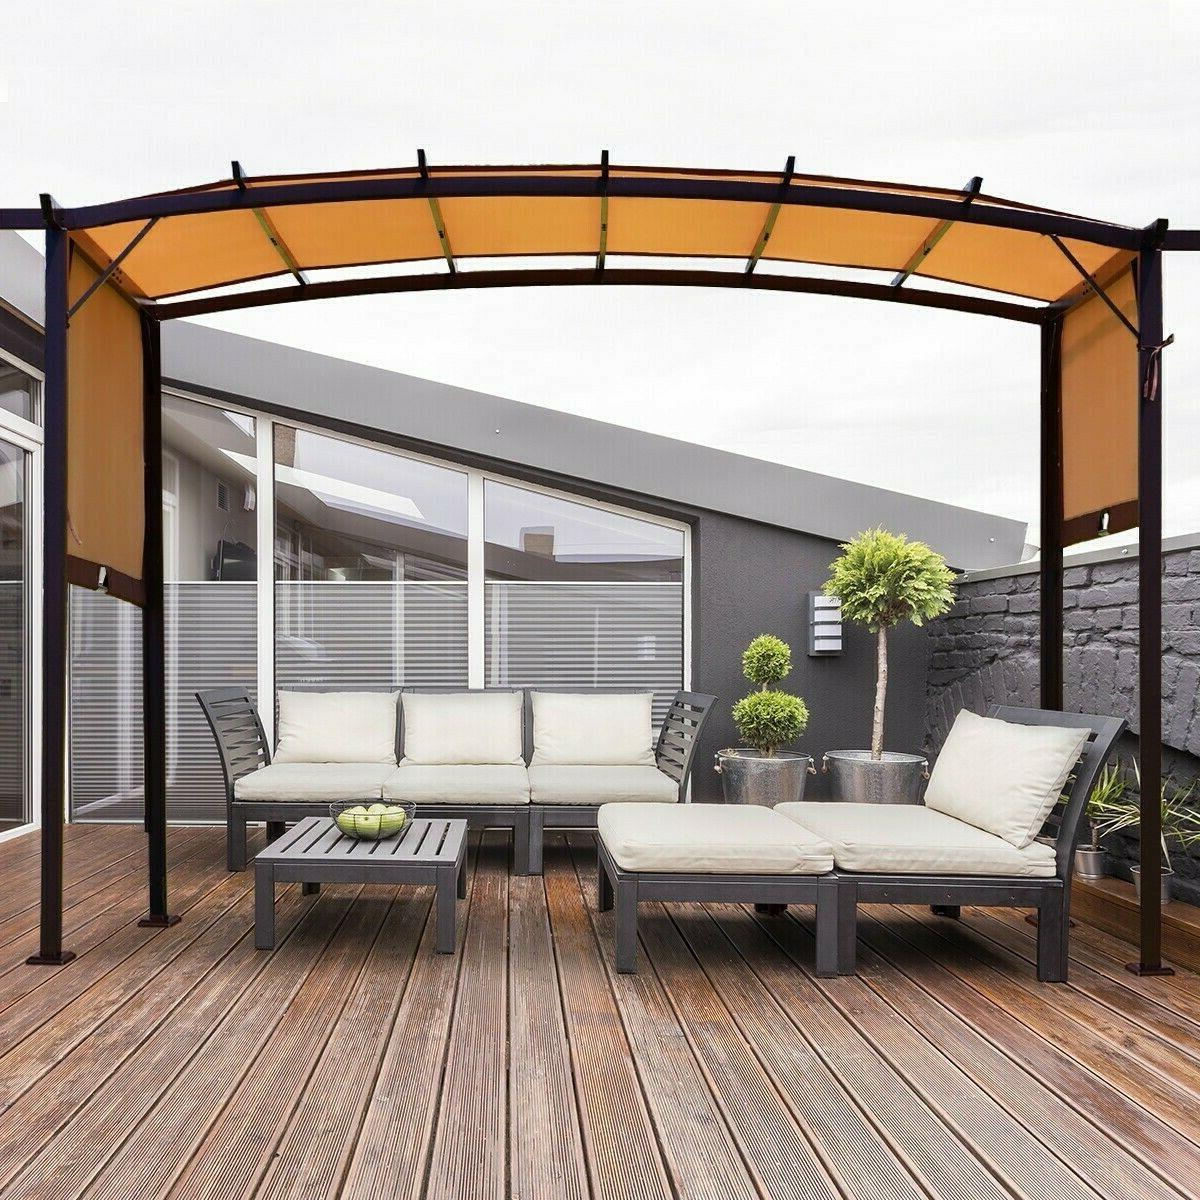 Pergola Frame Outdoor Patio Canopy